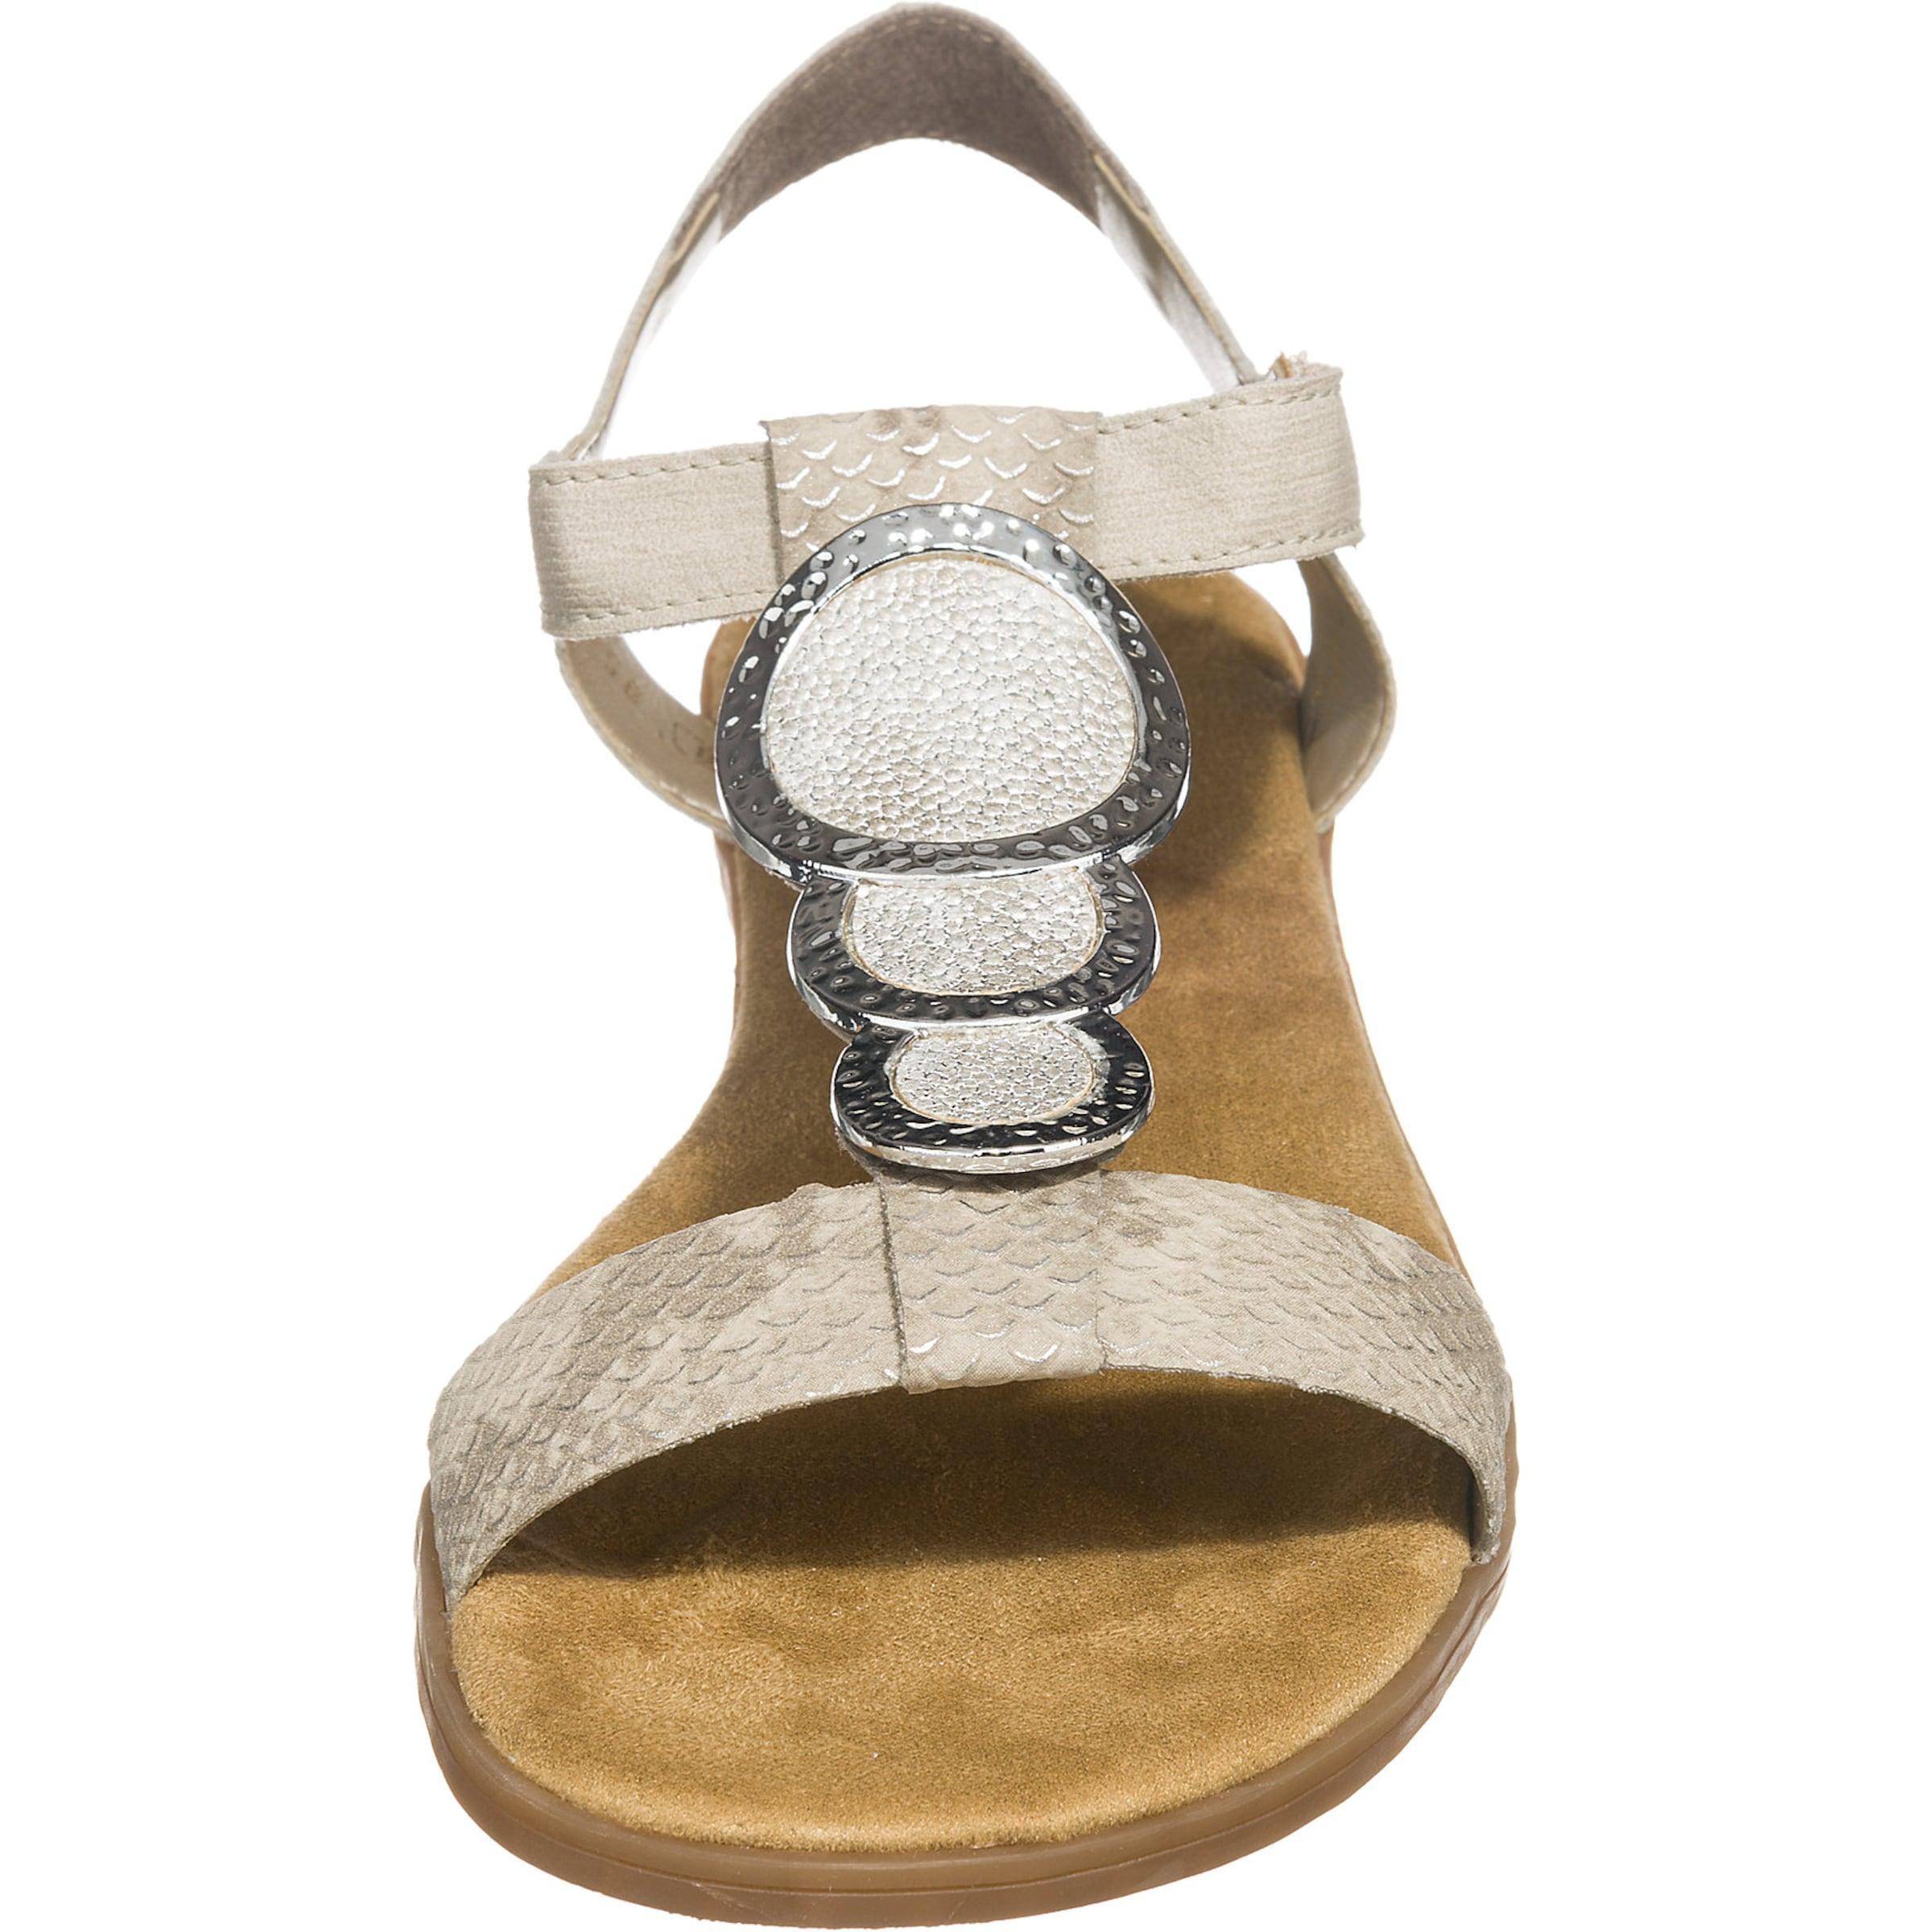 RIEKER Sandale Günstig Kaufen Großen Verkauf WLotvbfR2X